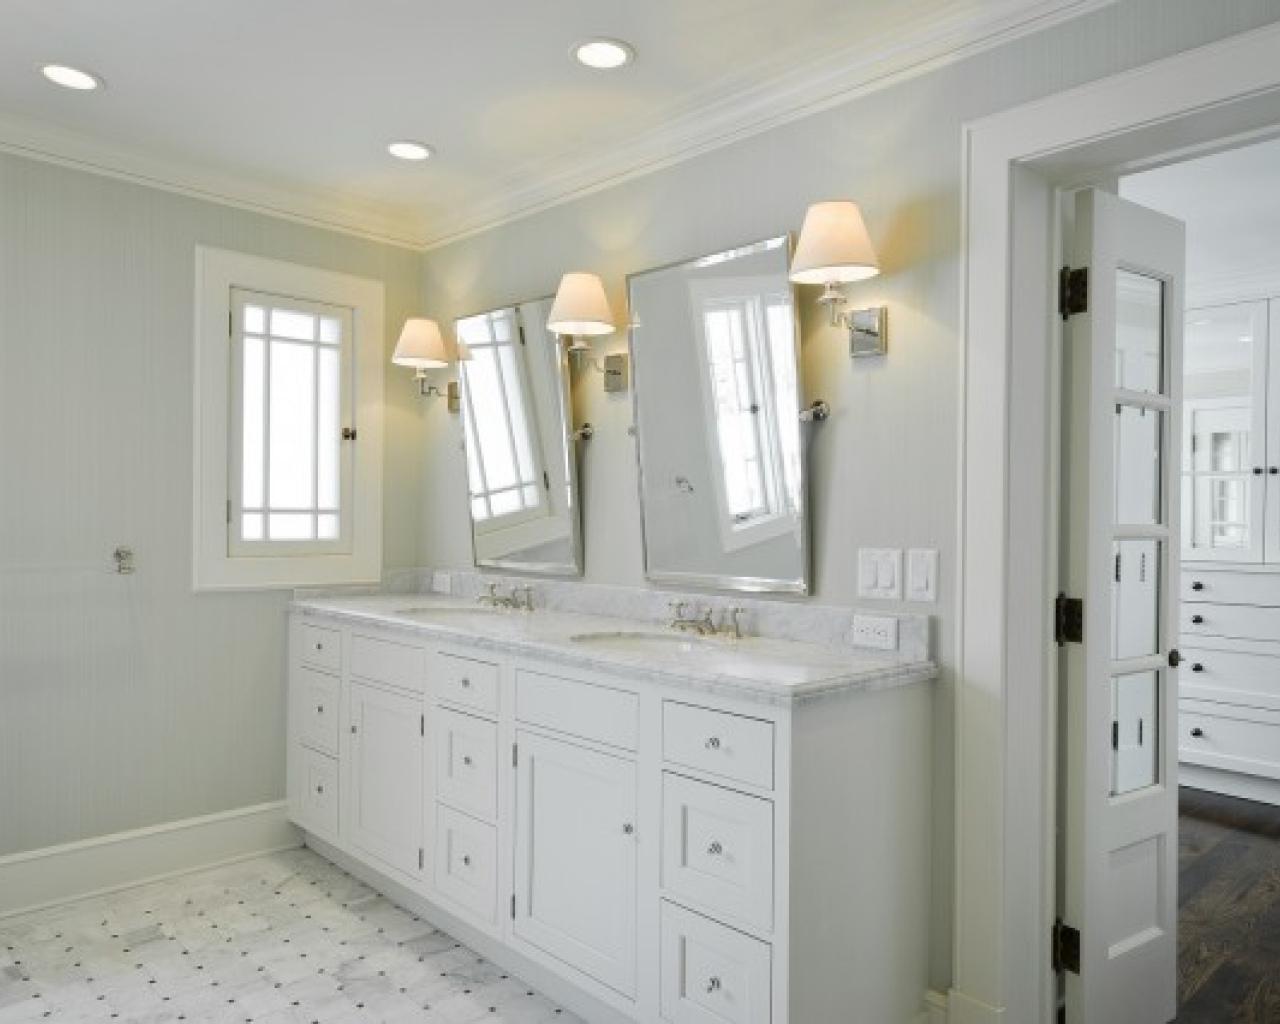 bathroom cabinets astonishing twin bathroom vanity mirrors regarding bathroom vanity mirrors image 3 of